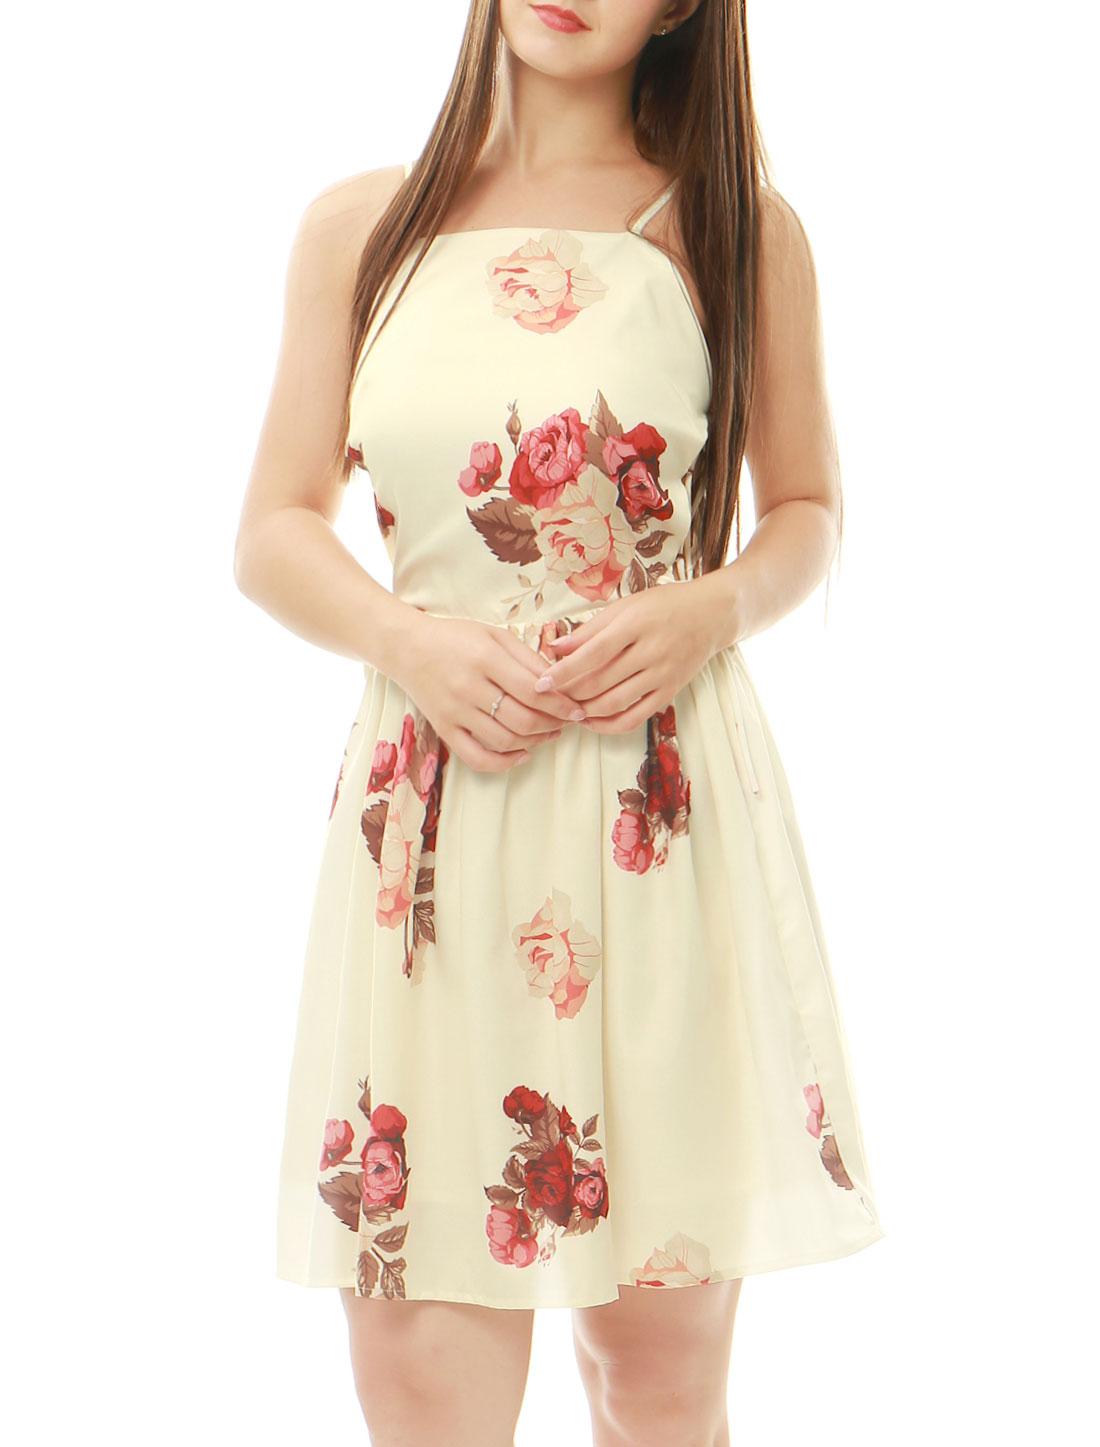 Women Floral Prints Sleeveless Tie Side A Line Dress Beige XS